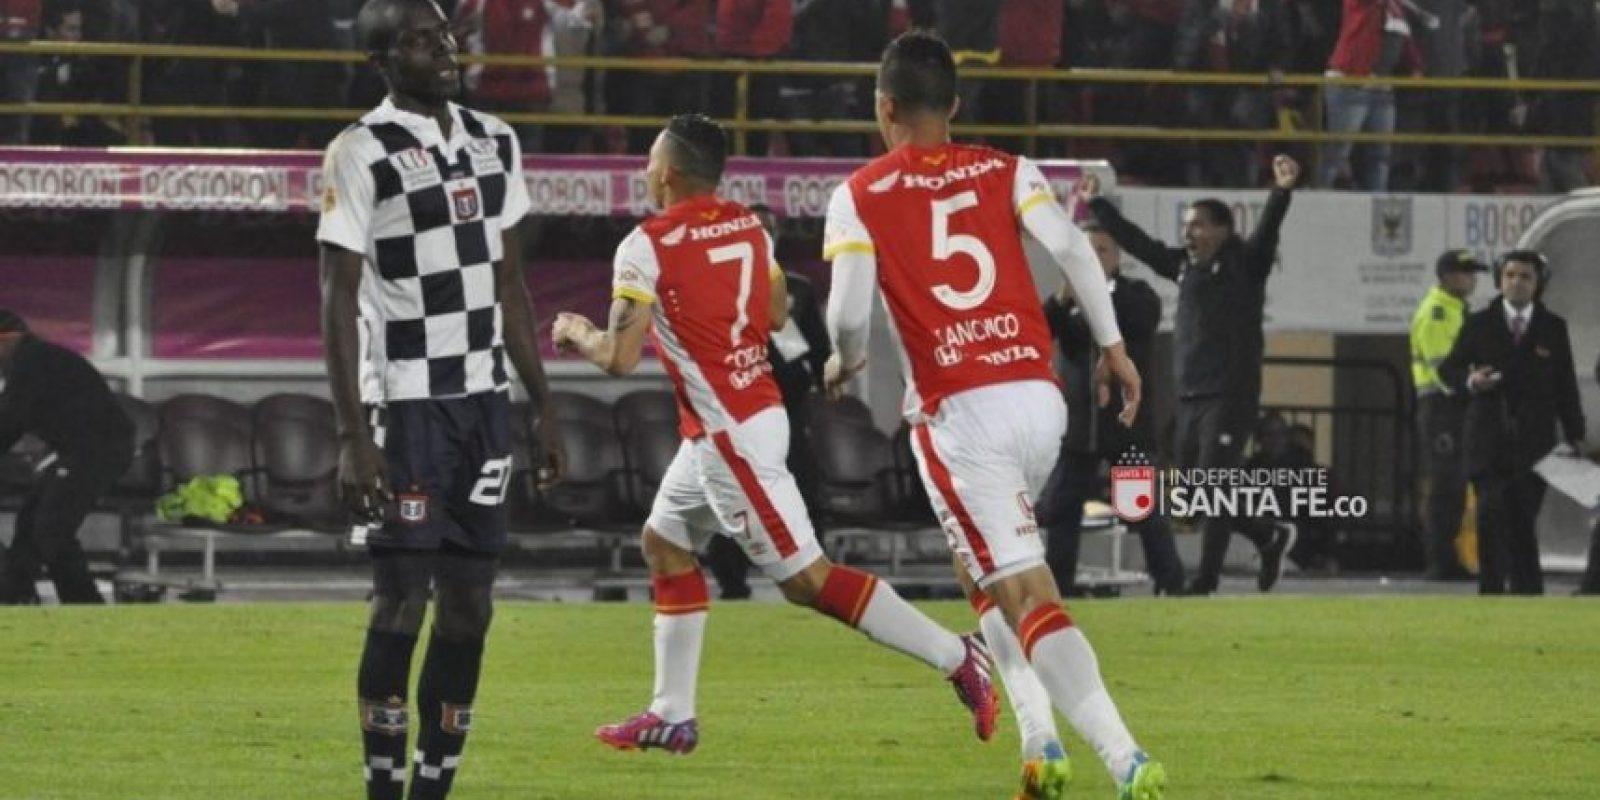 Foto:Cortesía IndependienteSantaFe.co